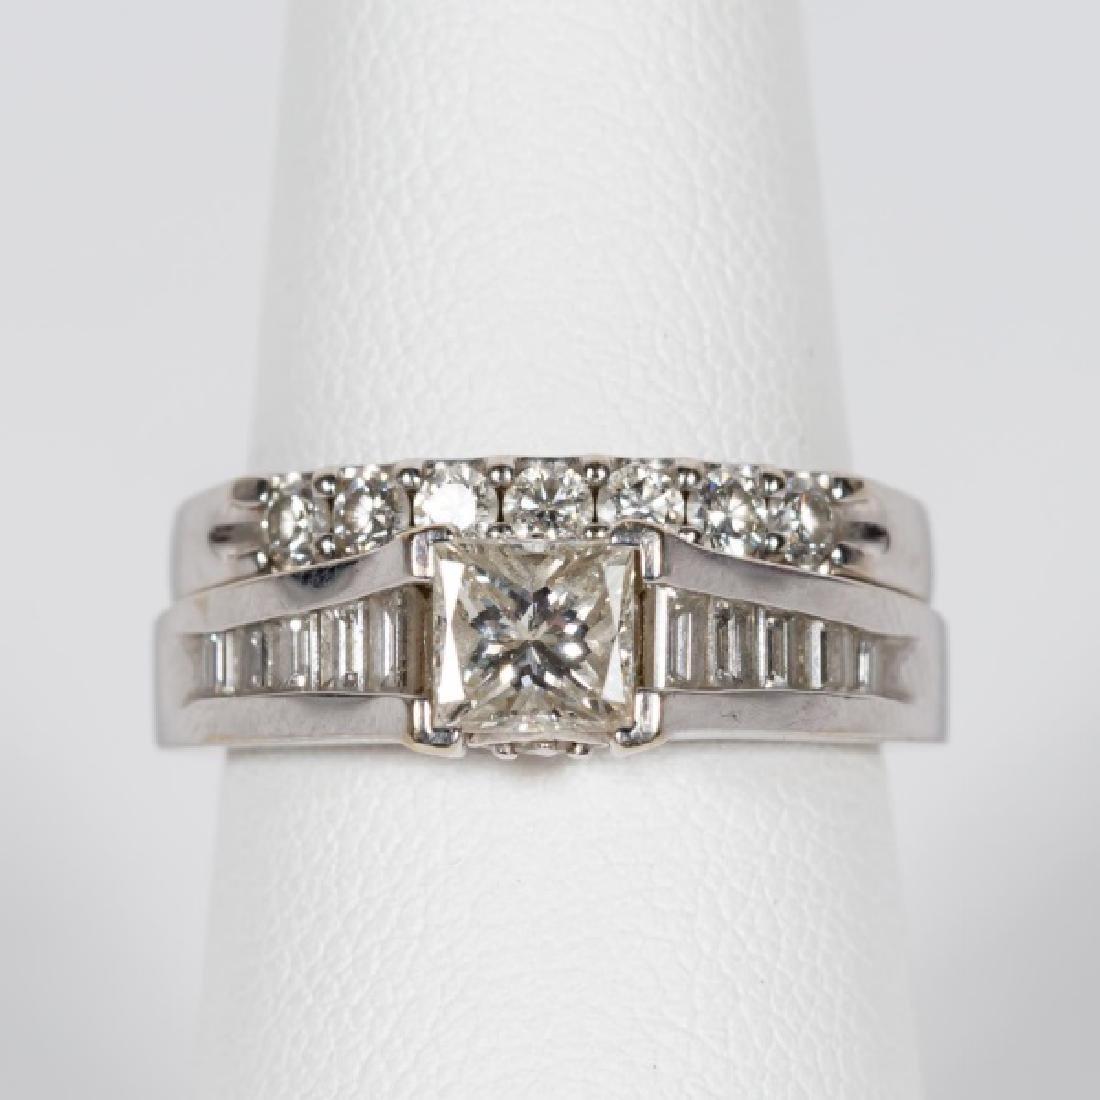 2 14k White Gold & Diamond Rings, Engagement